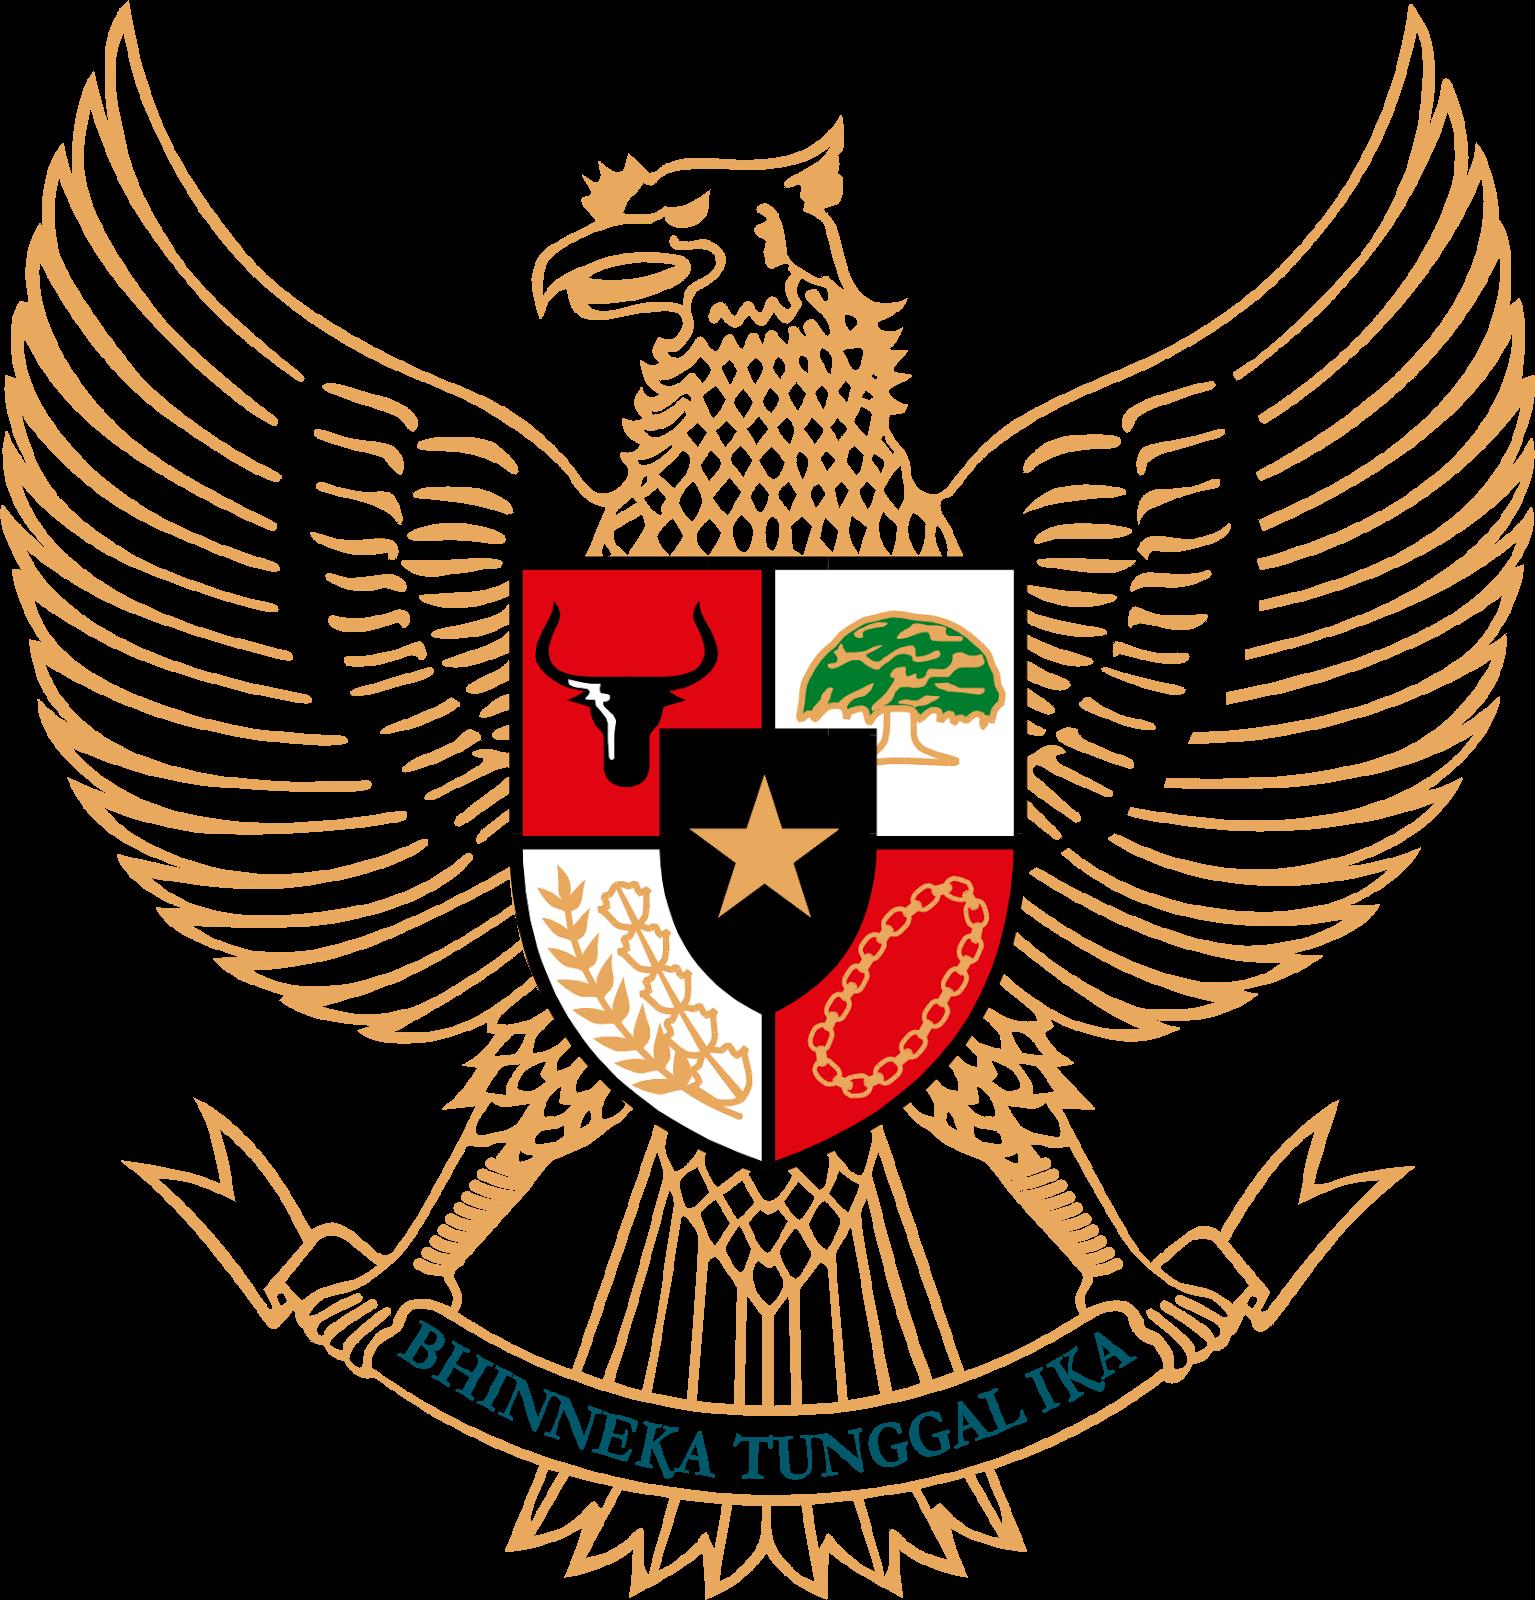 Unduh 40 Koleksi Gambar Garuda Logo  Gratis